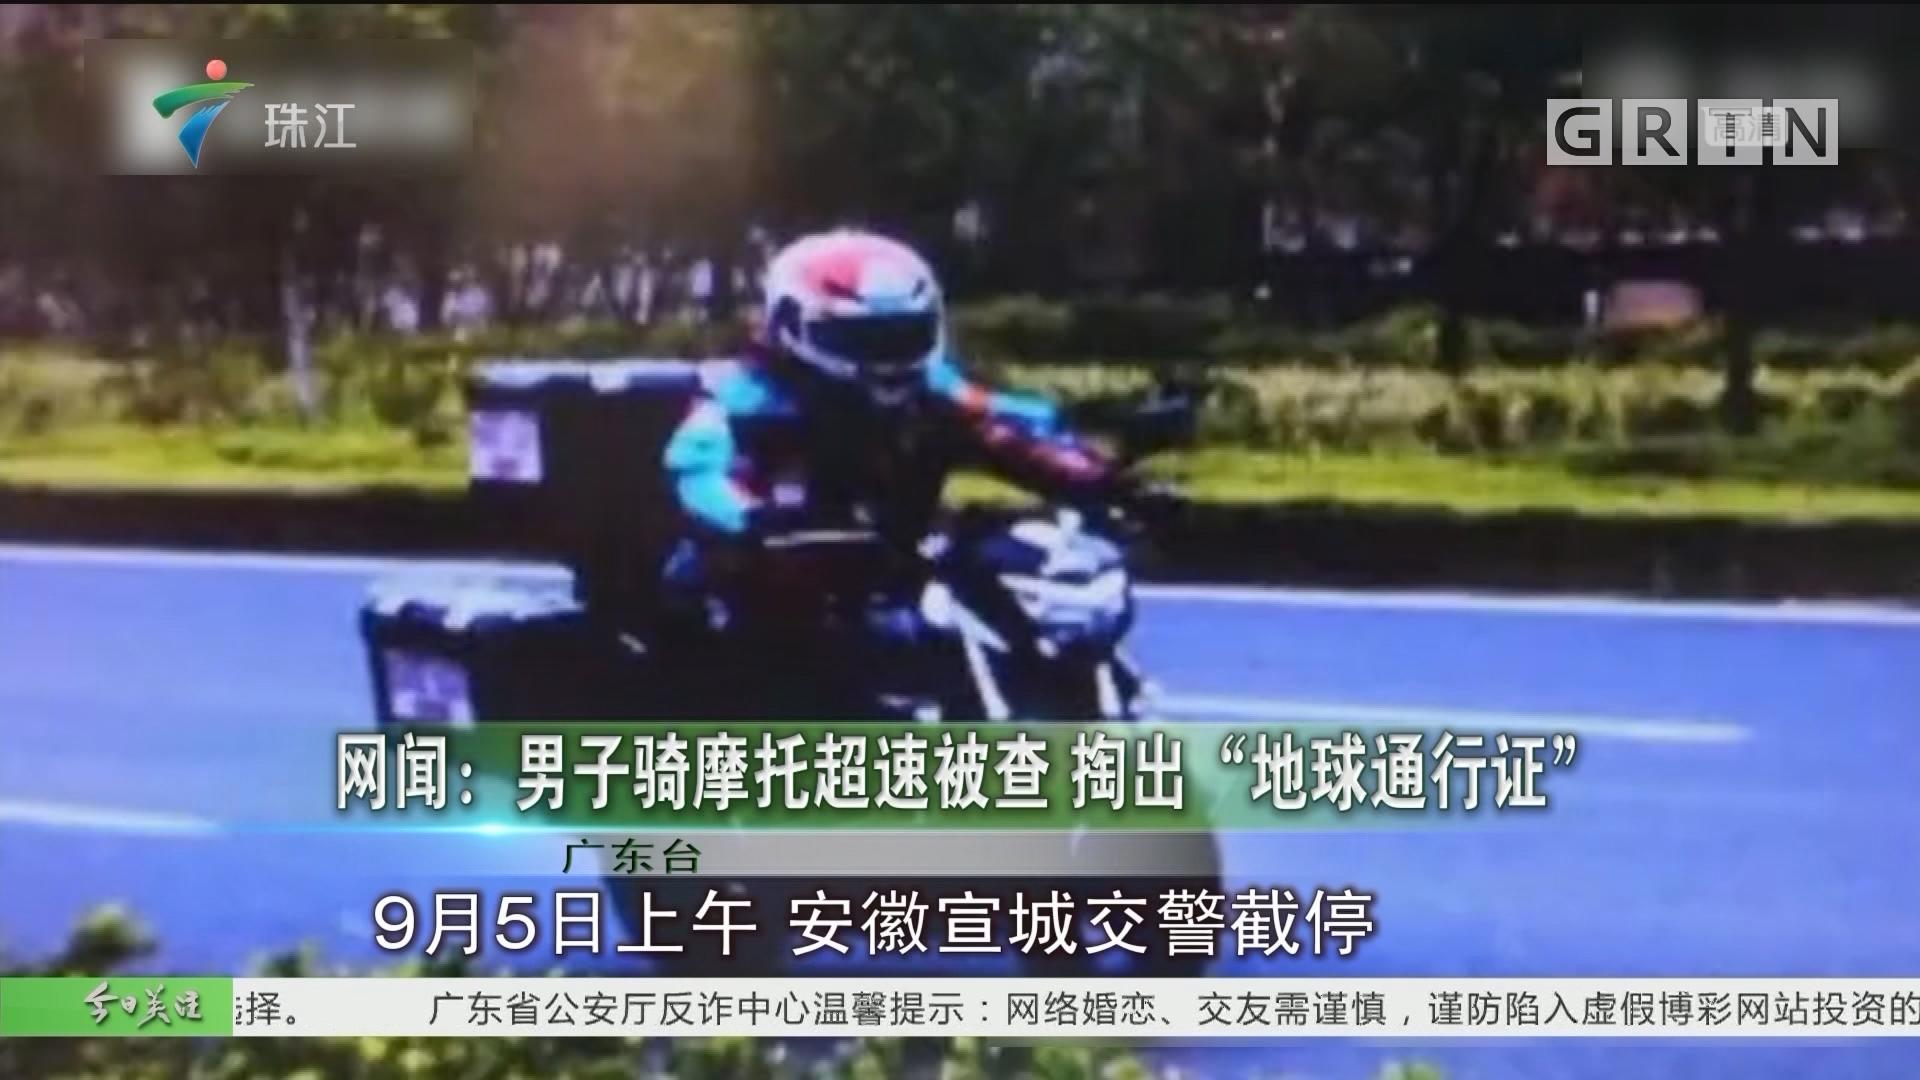 """网闻:男子骑摩托超速被查 掏出""""地球通行证"""""""